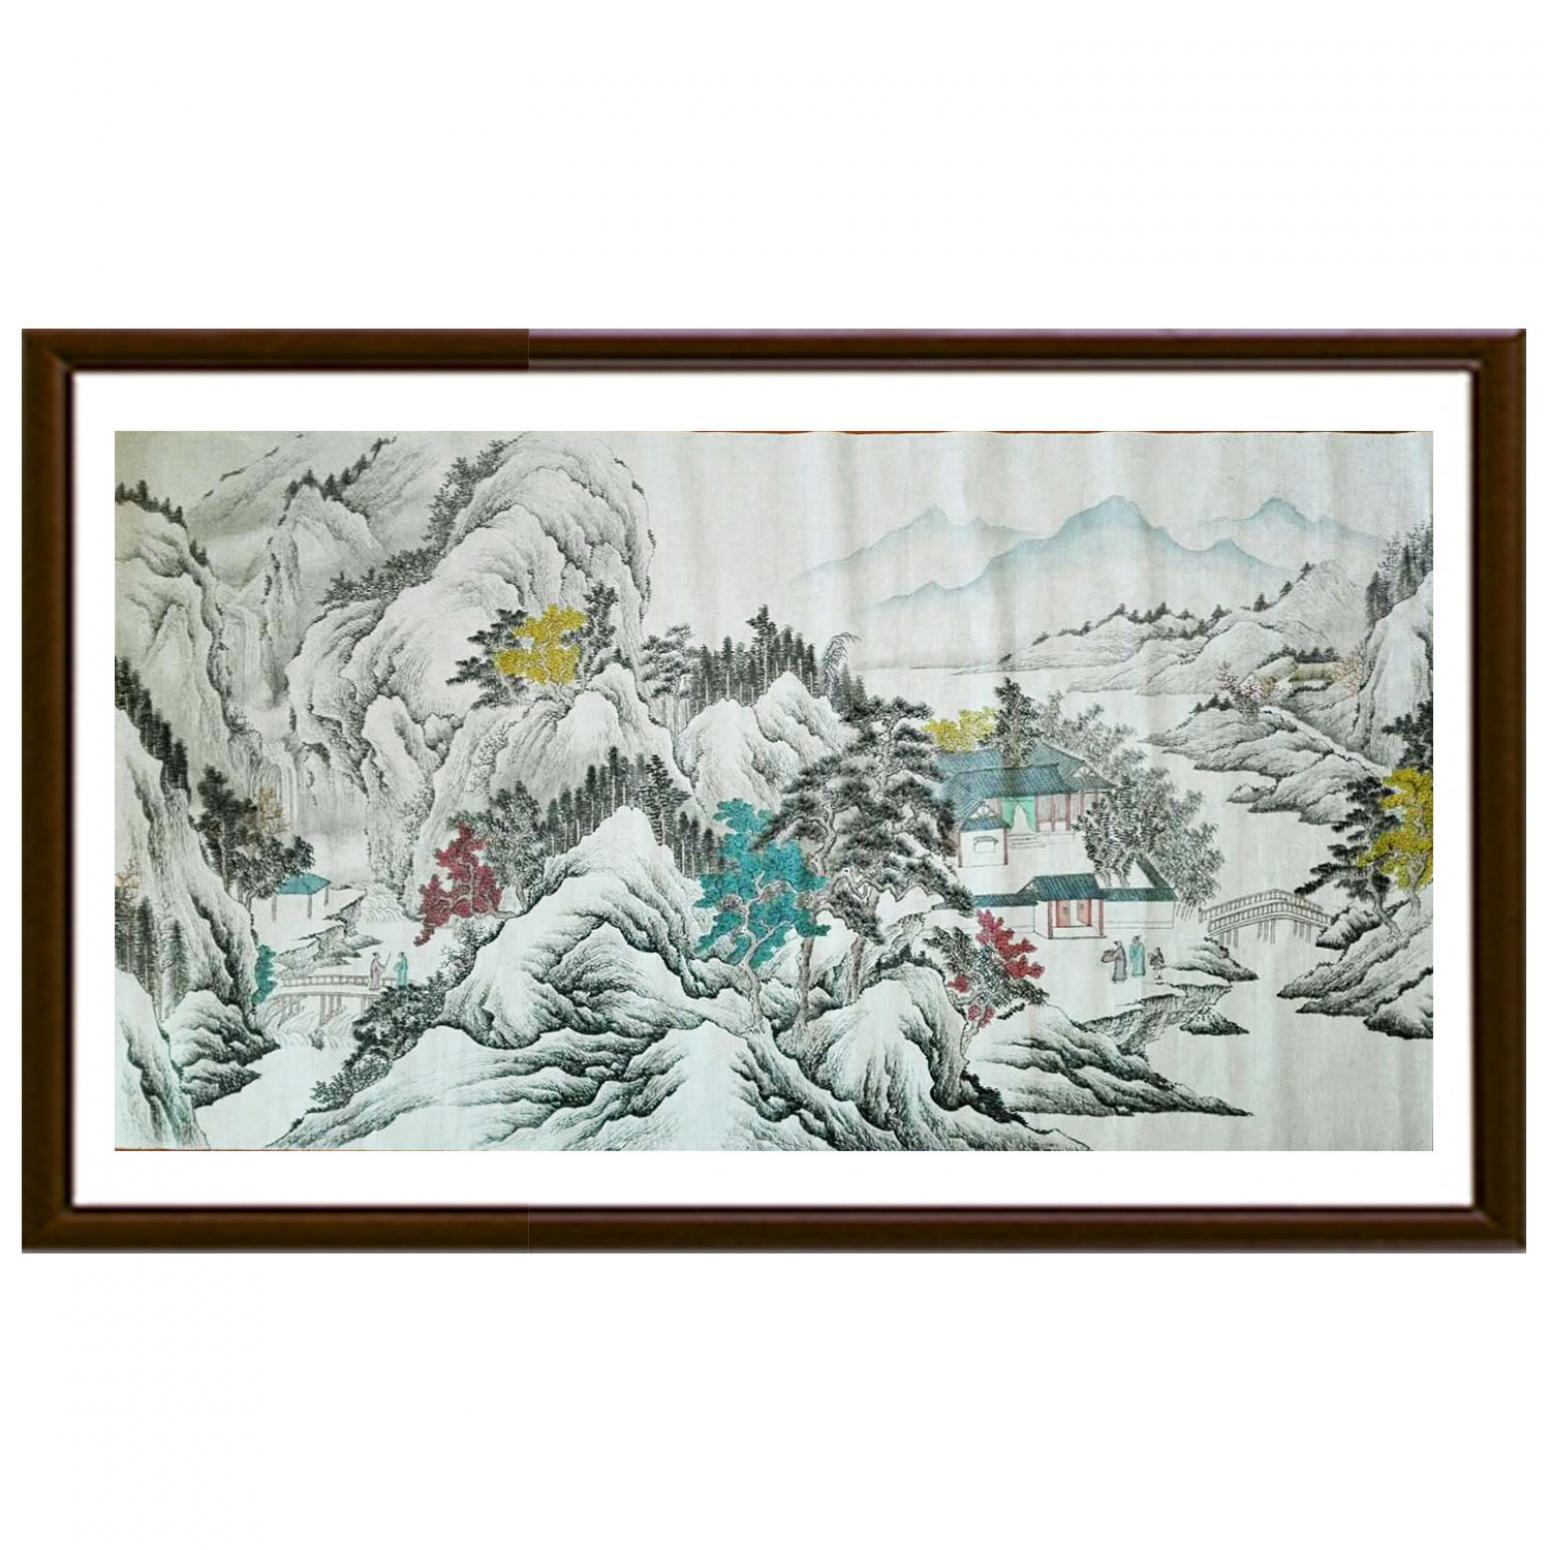 陈奇培国画作品《【拜访】作者陈奇培 临摹》【图2】